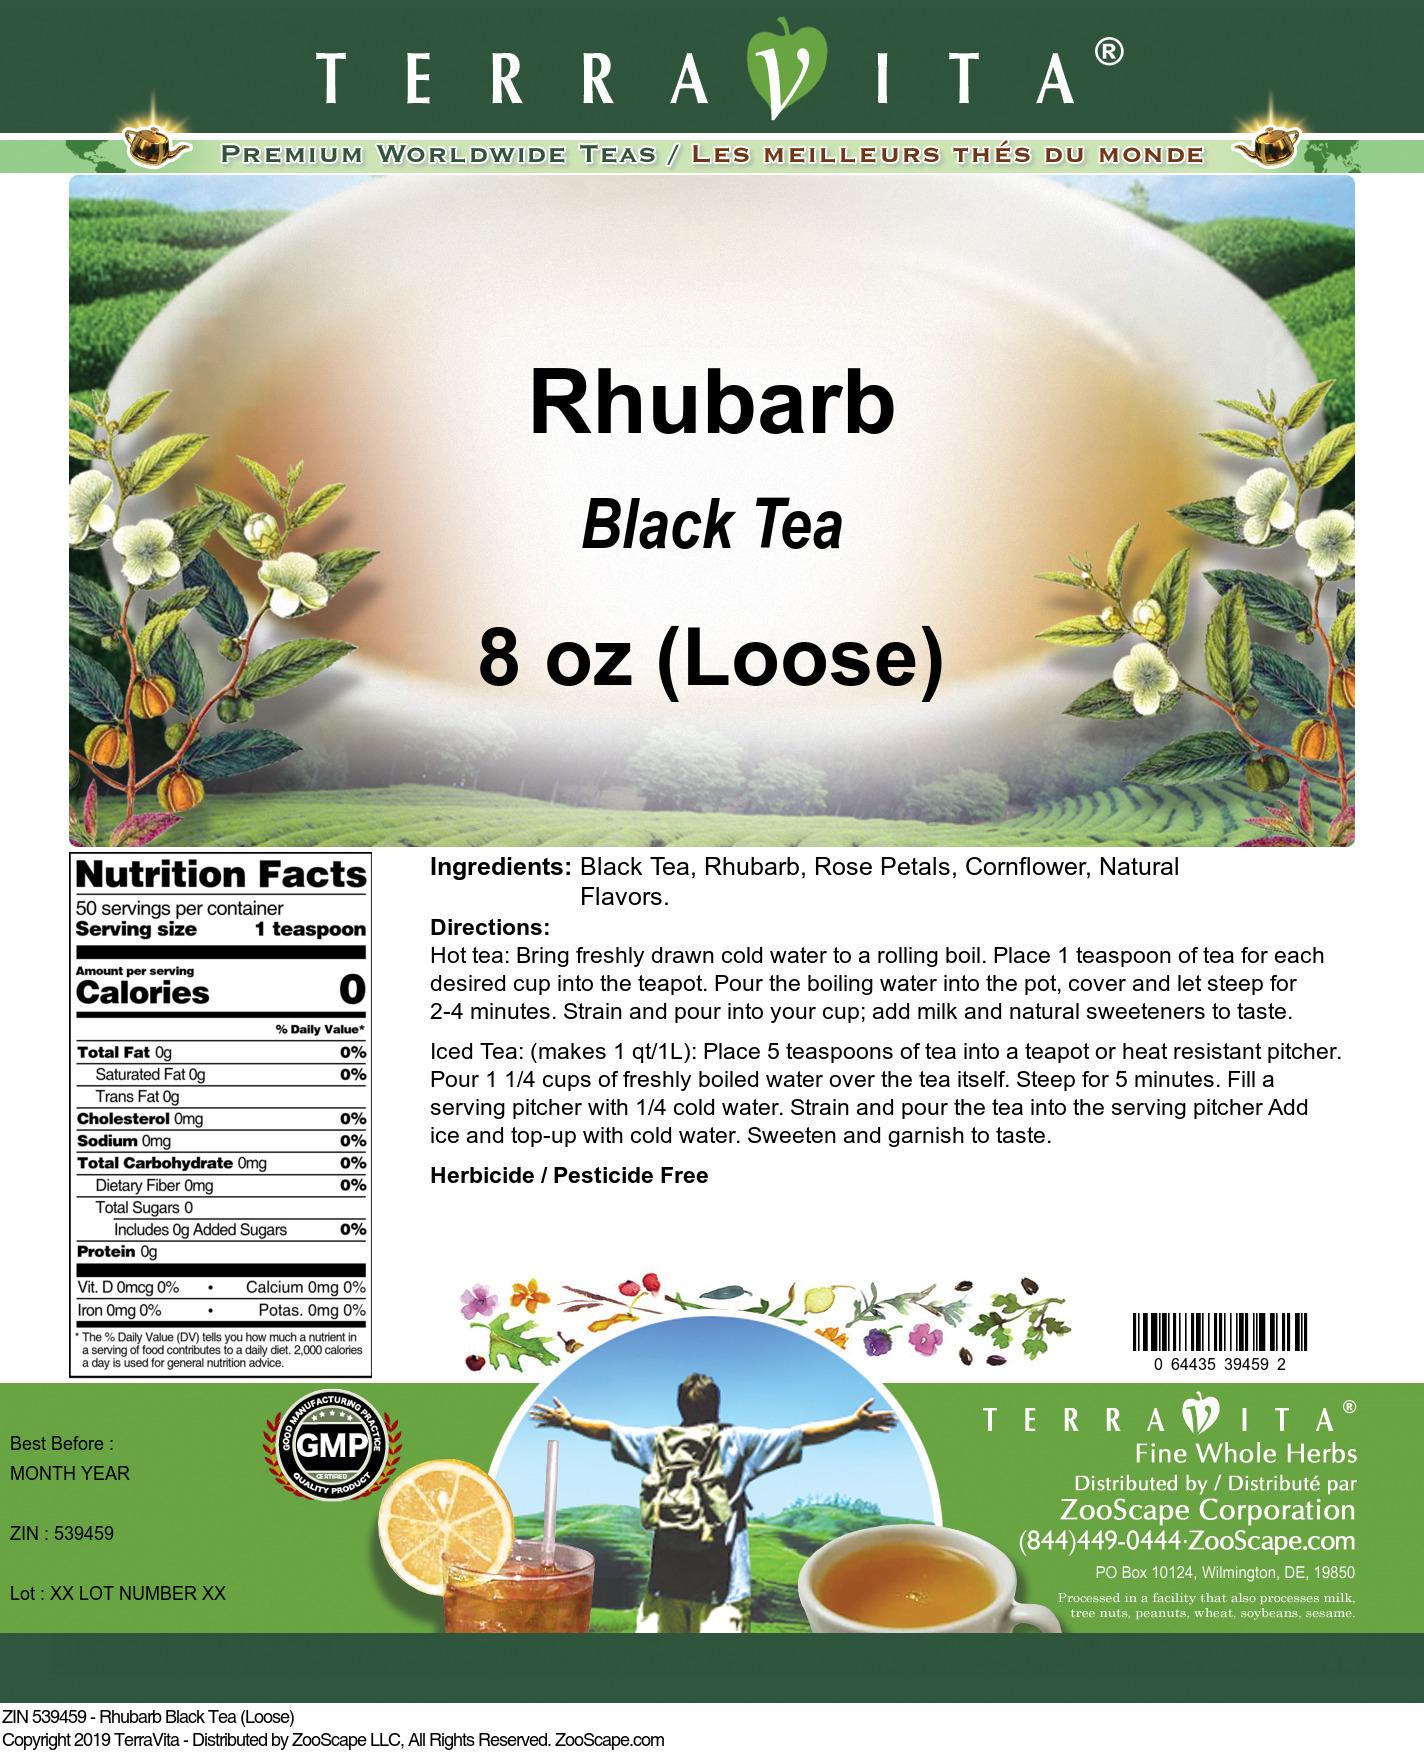 Rhubarb Black Tea